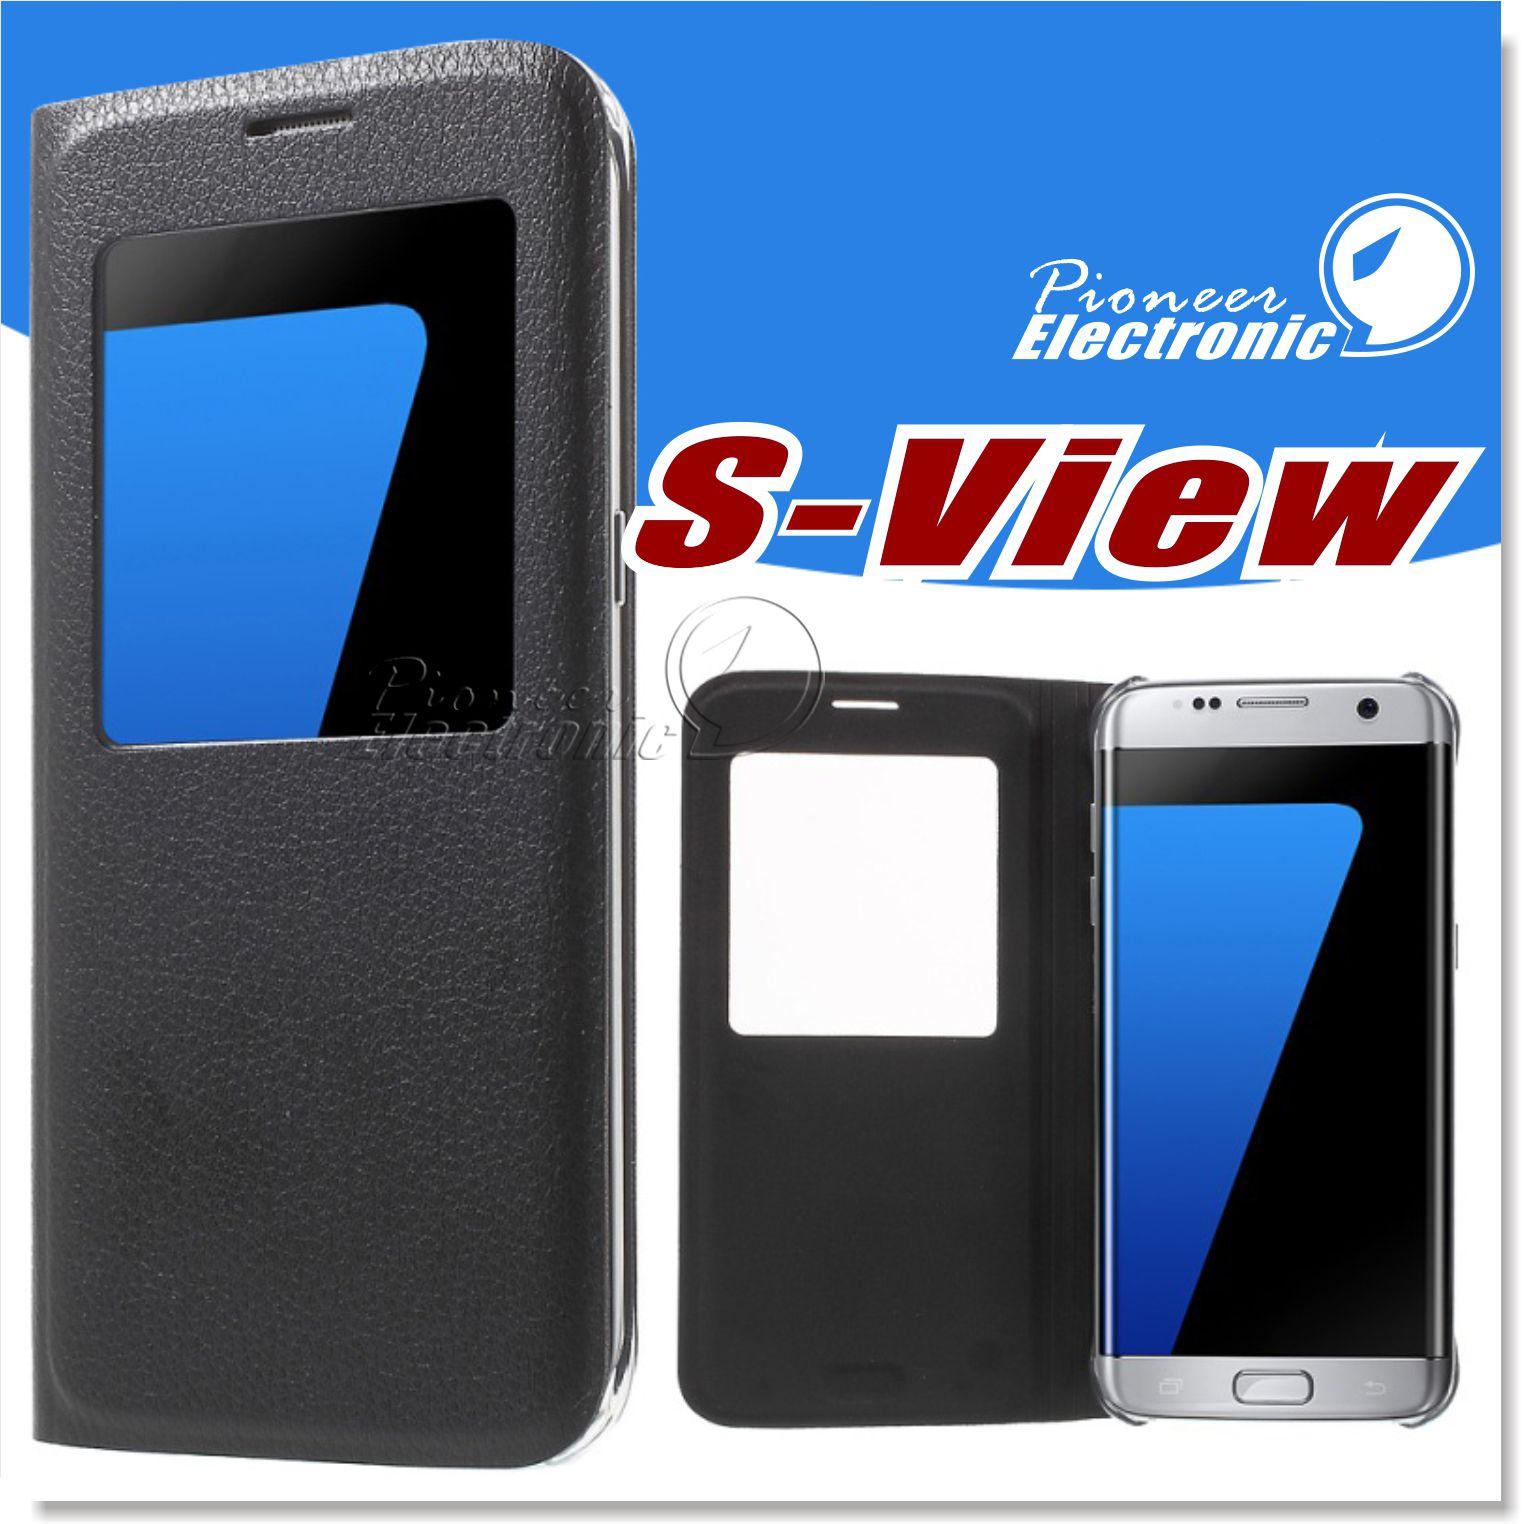 Schutzhüllen Handy Für S9 S8 Plus Leder Flip Handy Fall Für Samsung Galaxy S7 Fenster Ansicht Stoßfest Abdeckung Für Iphone 7 Galaxy S7 Edge Hinweis 5 Fall